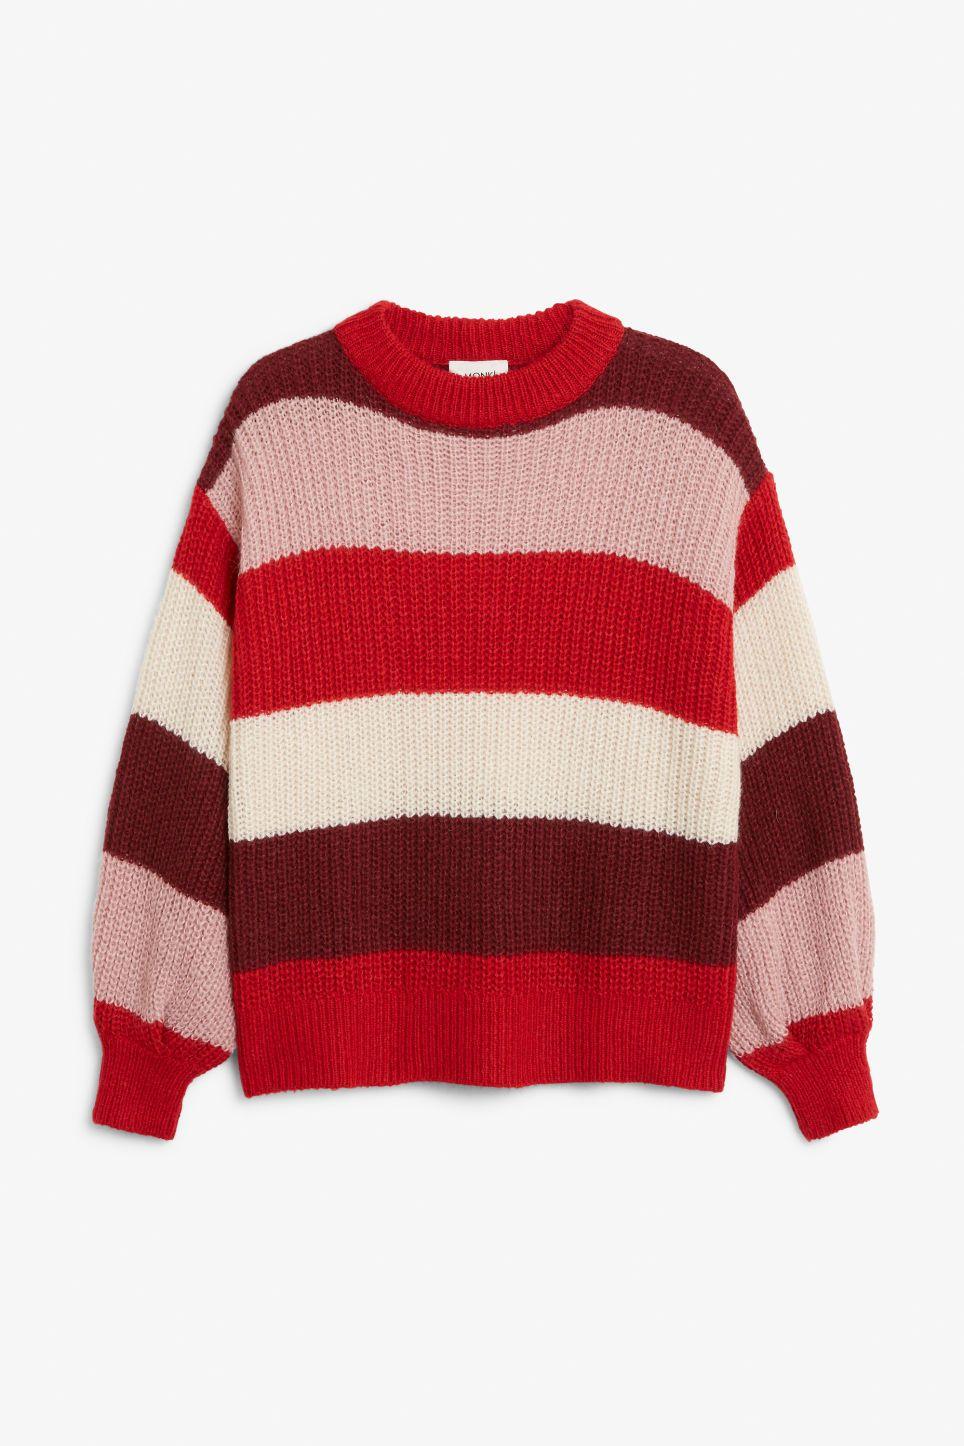 Monki   Striped knitwear, Chunky knit top, Knitwear